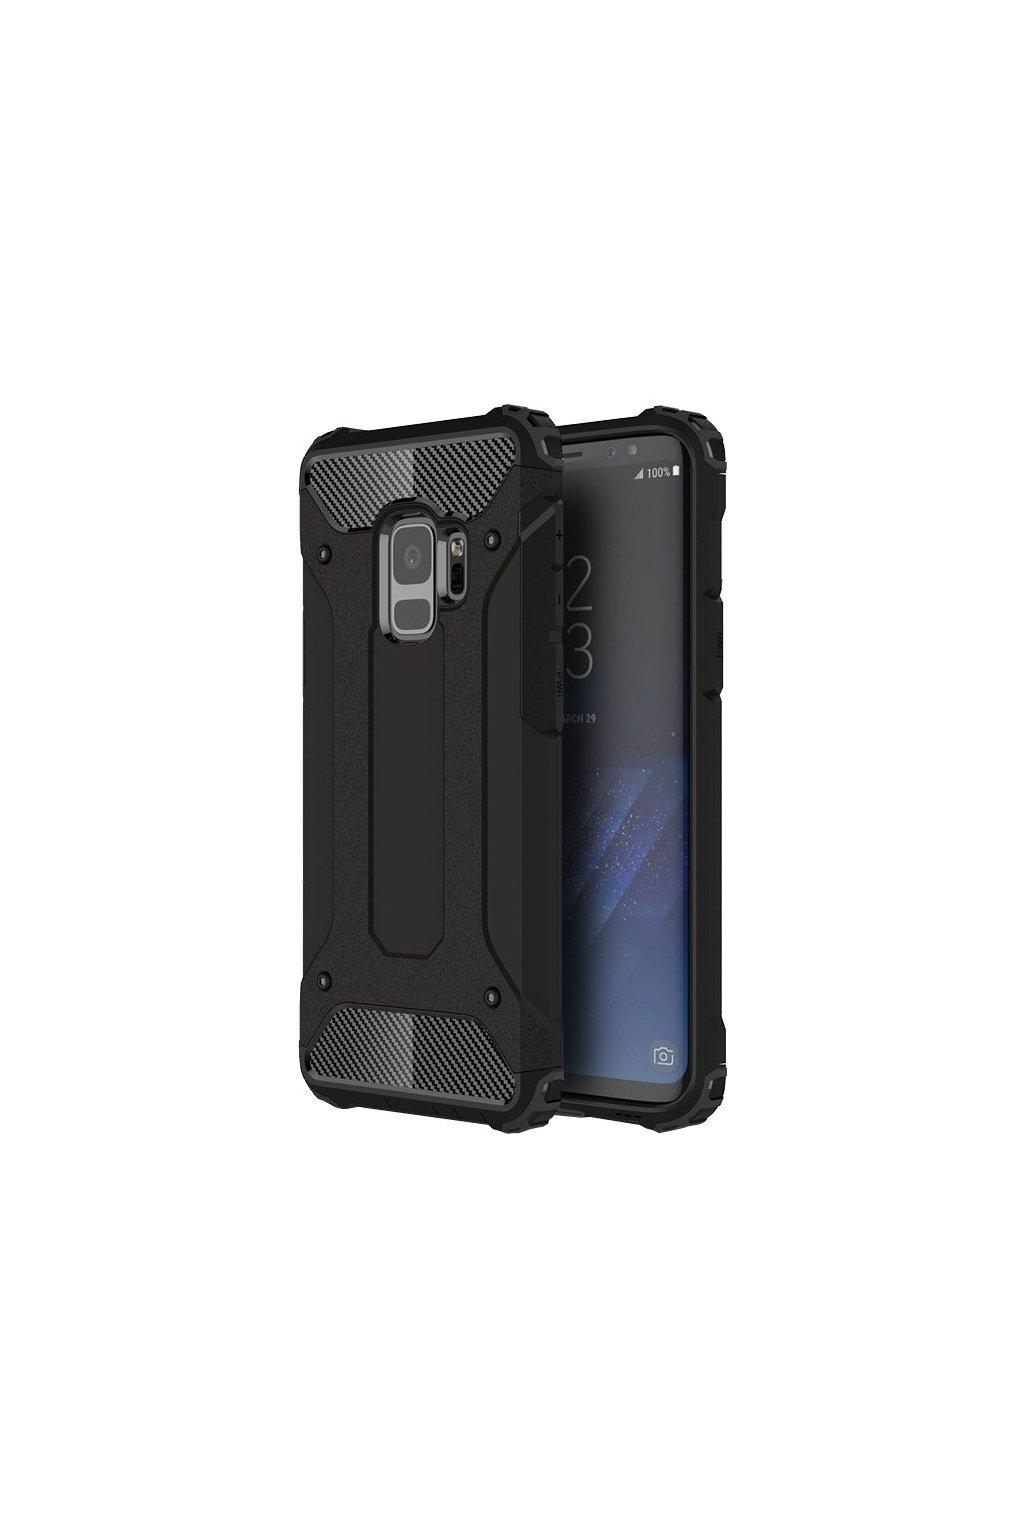 Armor kryt na Samsung Galaxy S9 černý 1